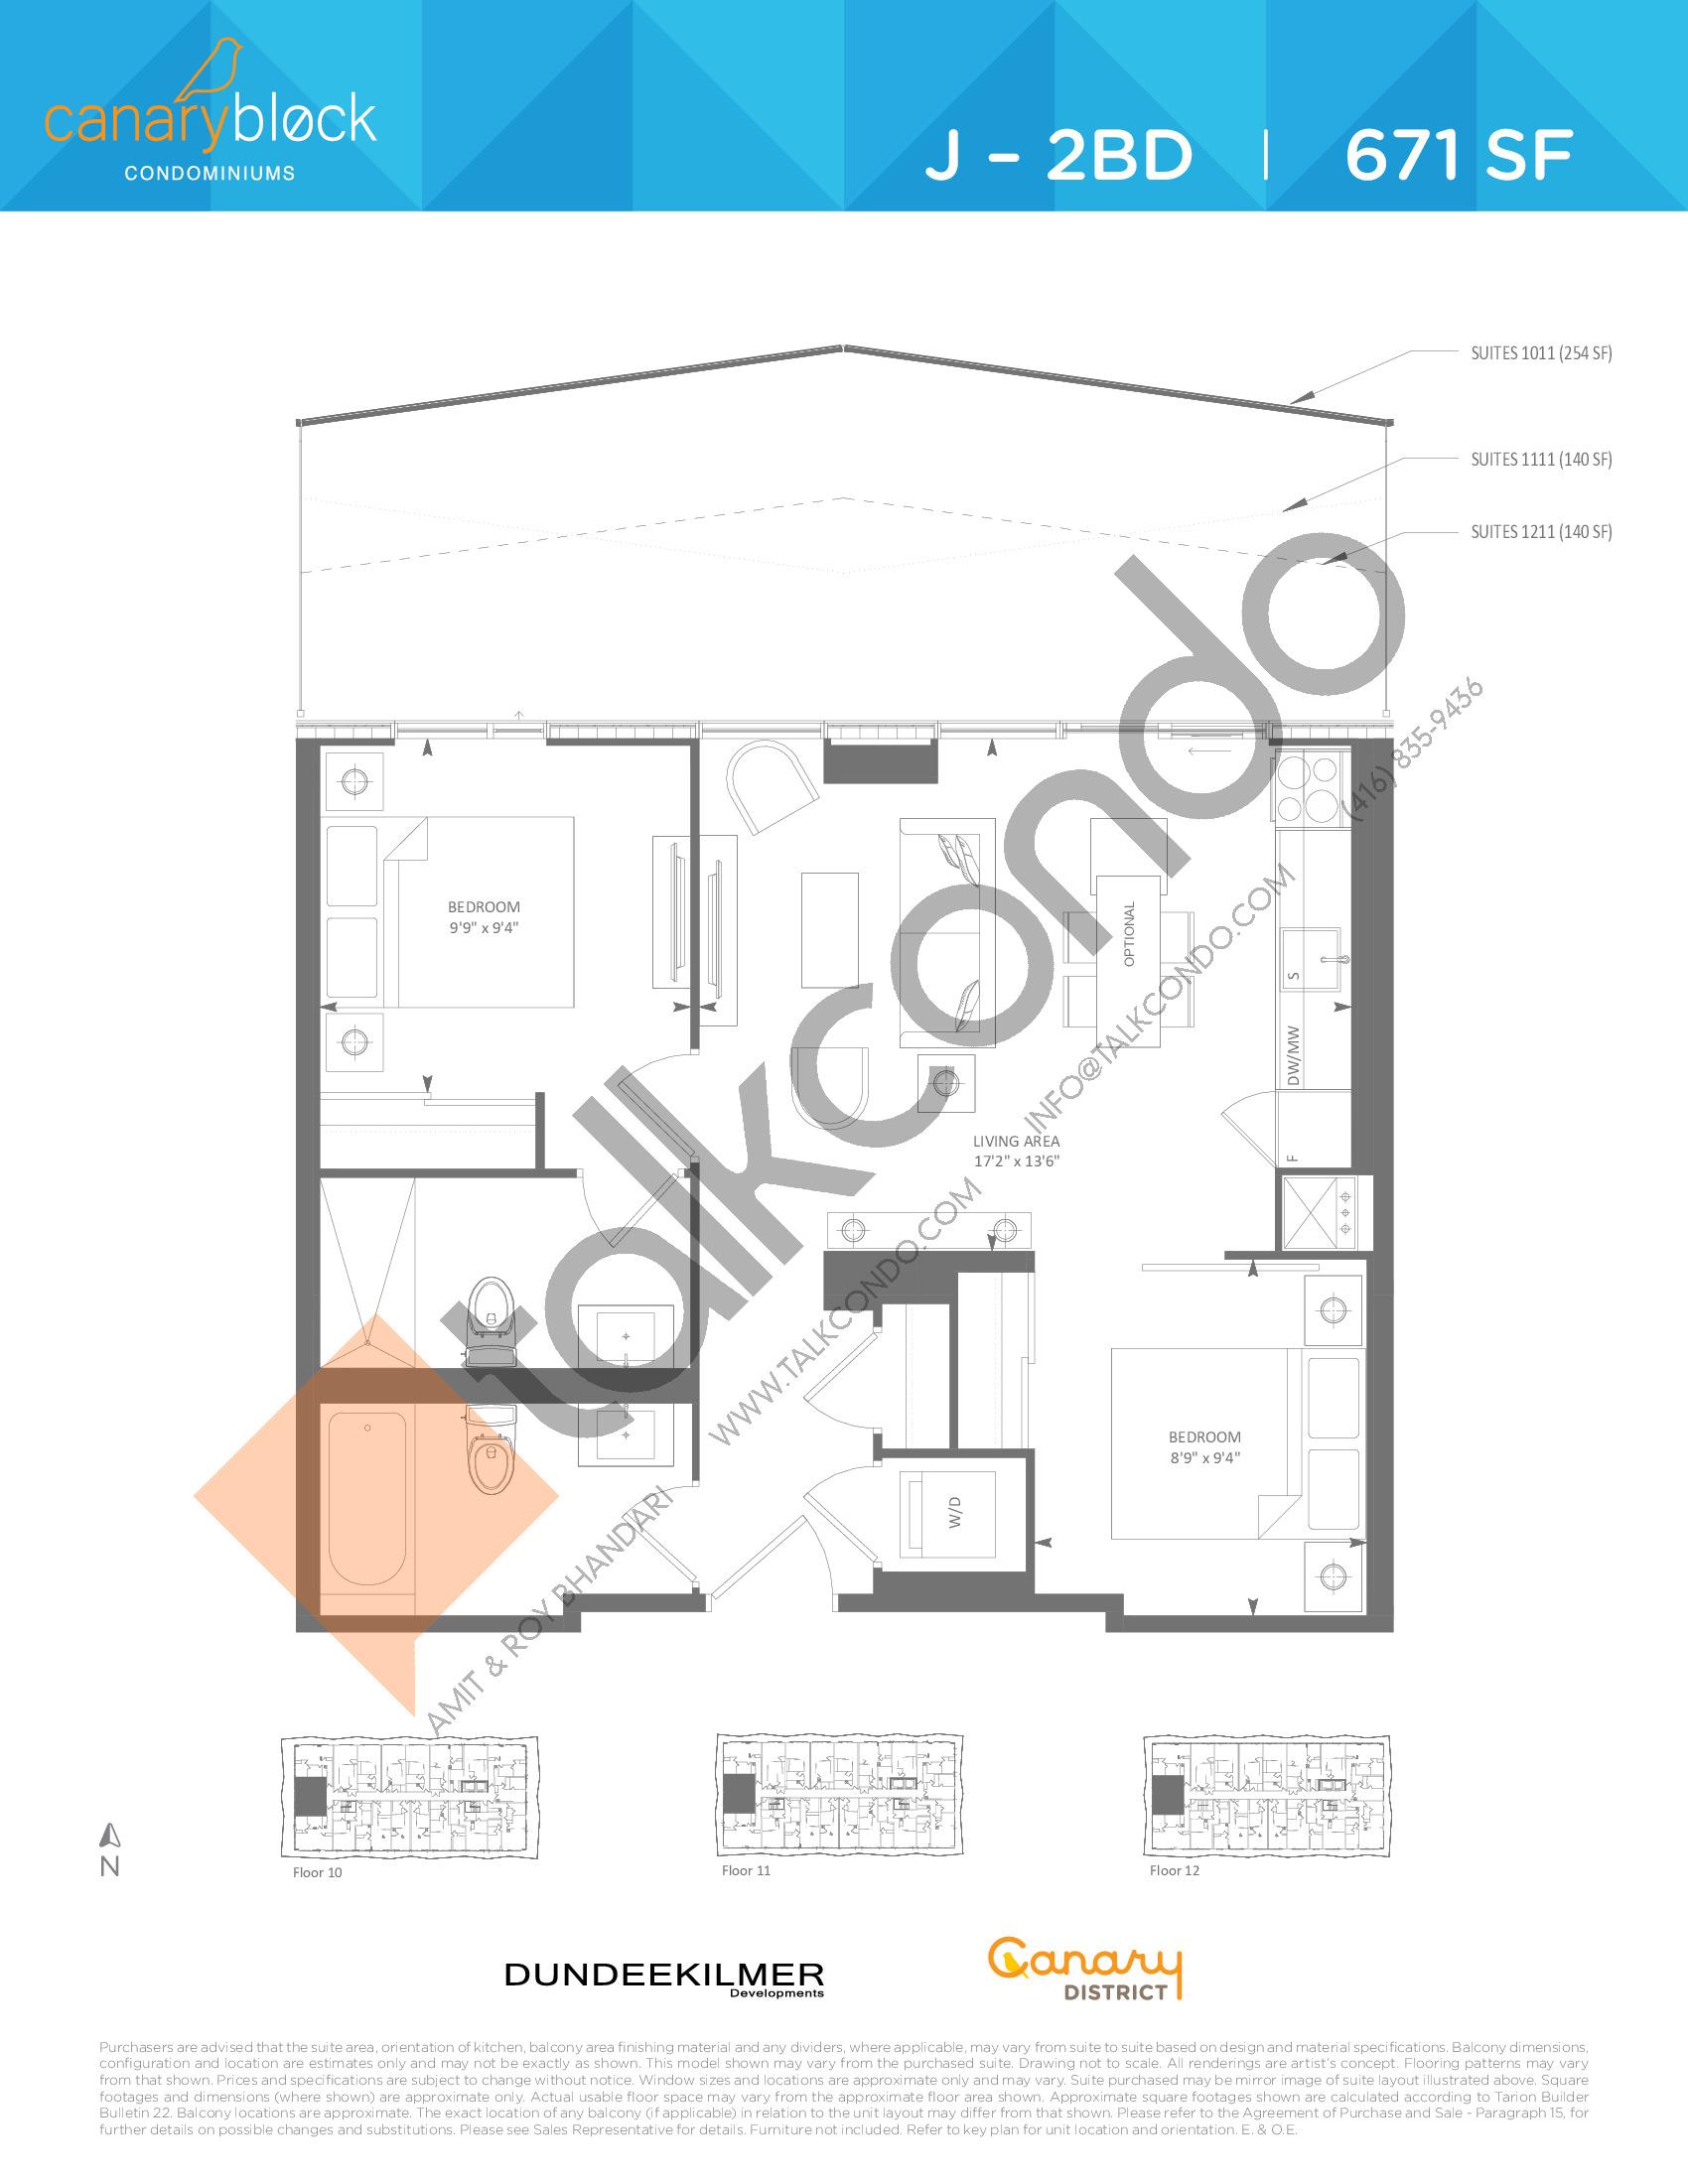 J - 2BD Floor Plan at Canary Block Condos - 671 sq.ft